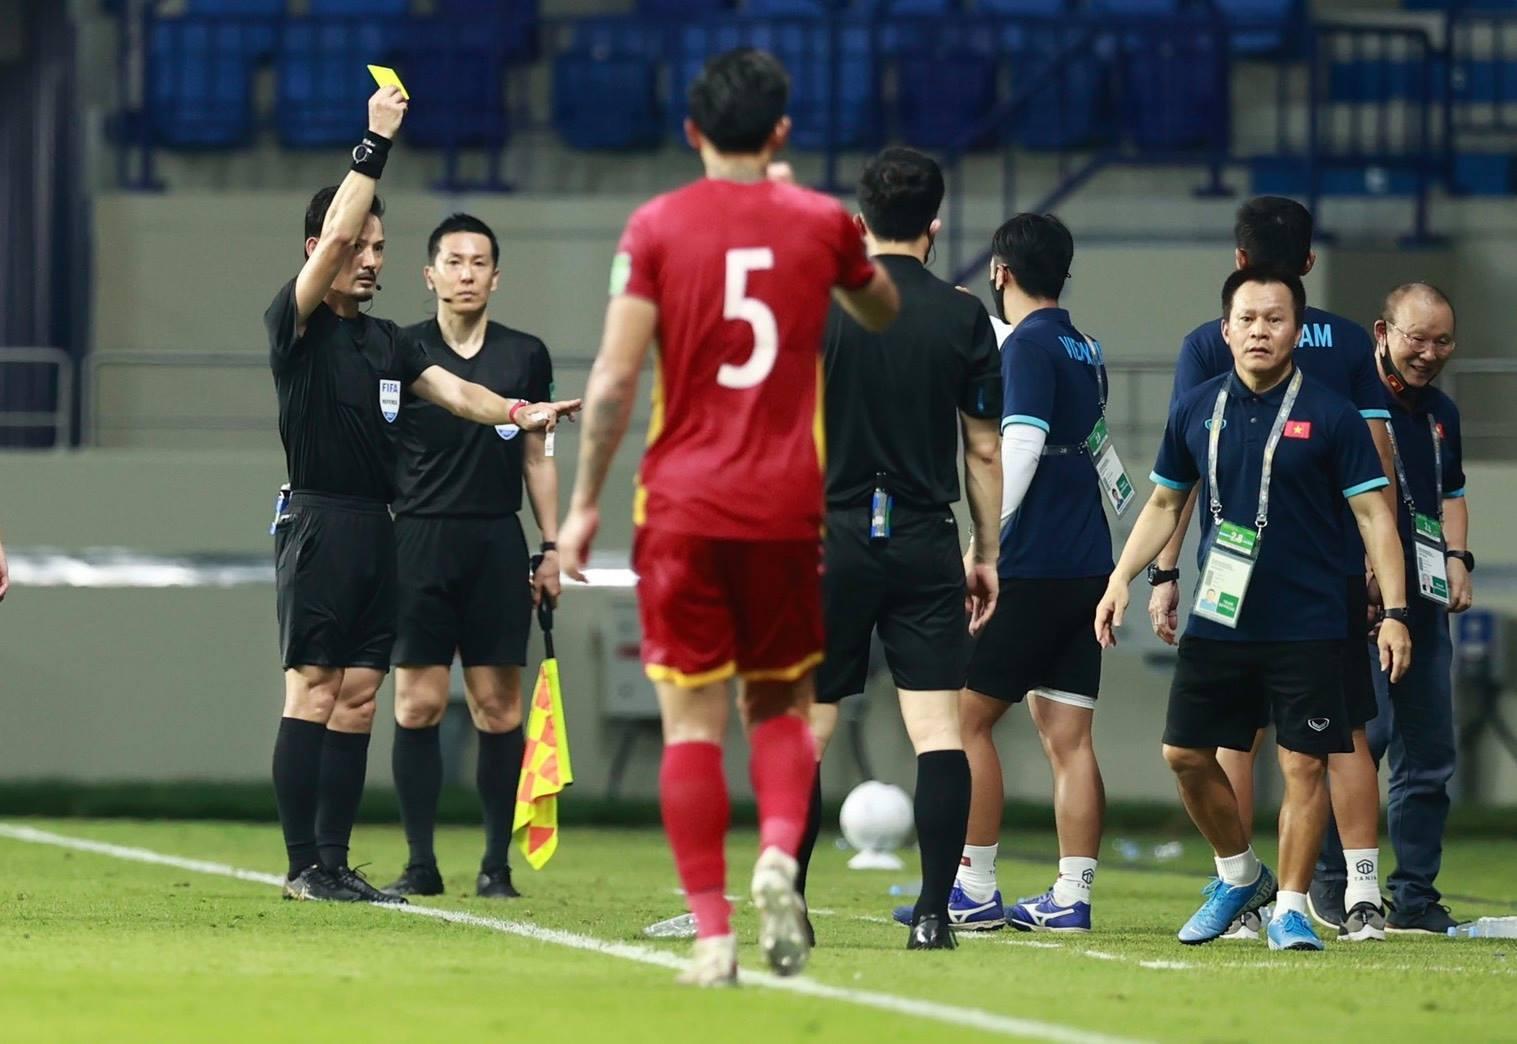 HLV Park nhận thẻ vàng từ trọng tài Sato Ryuji, sau khi phản ứng trong trận đấu Malaysia trên sân Al Maktoum. Ảnh: Lâm Thoả.